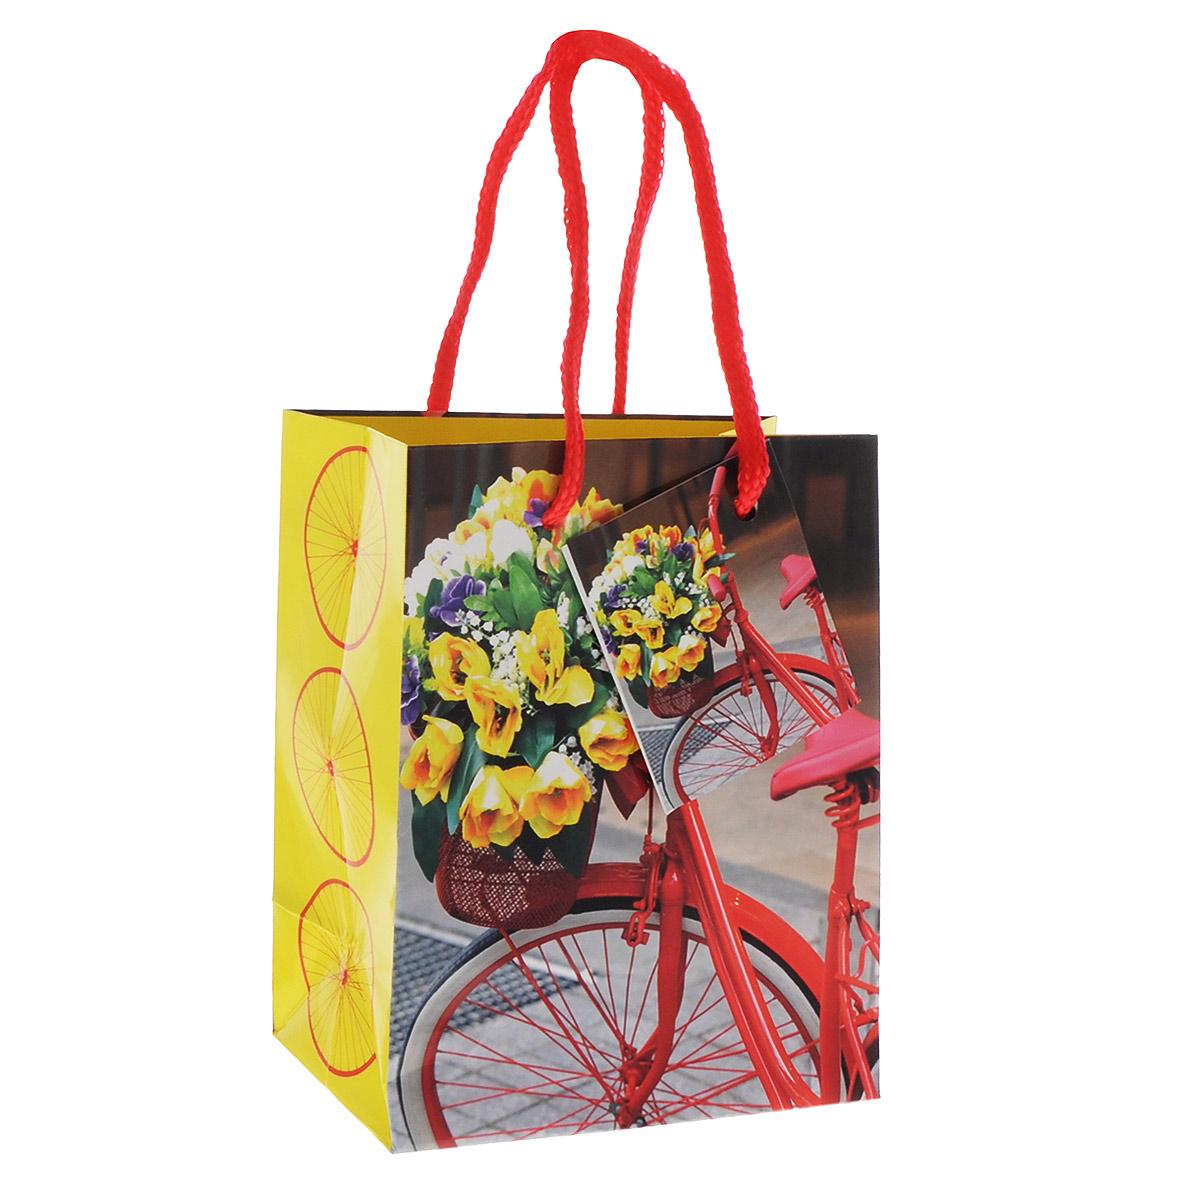 Бумажный подарочный пакет Феникс-Презент Велосипед с корзинкой, 11 см х 14 см х 6 см35923Подарочный пакет Феникс-Презент Велосипед с корзинкой, изготовленный из плотной бумаги, станет незаменимым дополнением к выбранному подарку. Дно изделия укреплено картоном, который позволяет сохранить форму пакета и исключает возможность деформации дна под тяжестью подарка. Пакет выполнен с глянцевой ламинацией, что придает ему прочность, а изображению - яркость и насыщенность цветов. Для удобной переноски на пакете имеются две ручки из шнурков. Подарок, преподнесенный в оригинальной упаковке, всегда будет самым эффектным и запоминающимся. Окружите близких людей вниманием и заботой, вручив презент в нарядном, праздничном оформлении.